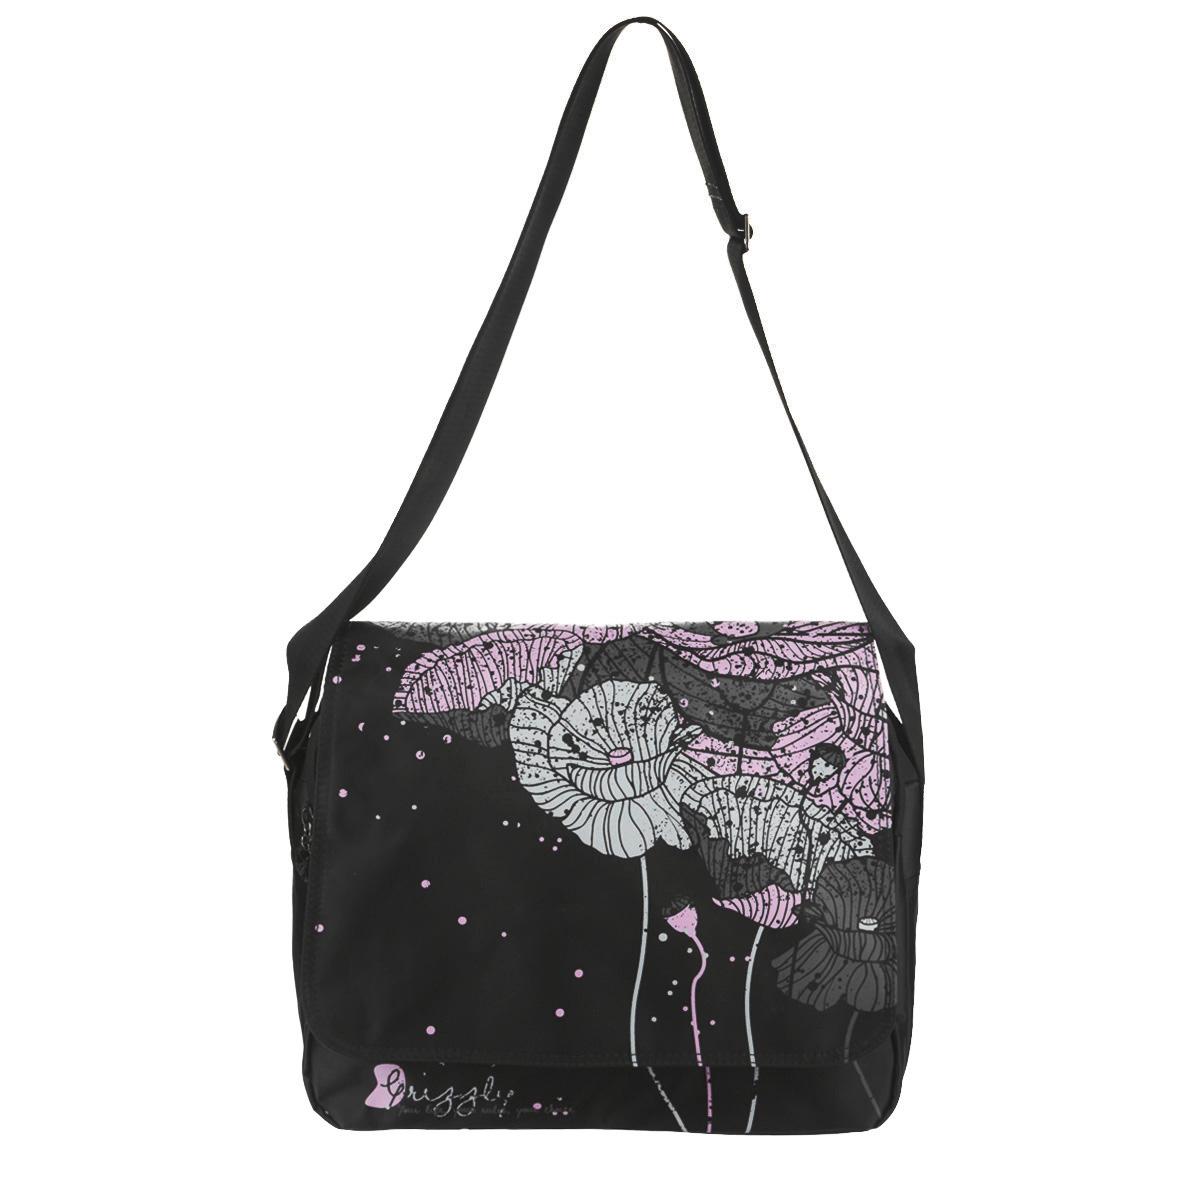 Сумка молодежная Grizzly, цвет: черный, серый, фиолетовый. MD-531-272523WDОригинальная молодежная сумка Grizzly выполнена из текстиля, оформлена ярким принтом с изображением цветов.Изделие содержит одно главное отделение, которое застегивается на молнию и дополнительно застегивается на липучки, внутри вшитый карман на молнии. Снаружи в стенке сумки размещен накладной карман на молнии, накладной карман и два накладных кармана для ручки и телефона. На тыльной стороне сумки размещен вшитый карман на молнии. Сумка оснащена широким плечевым ремнем, длина которого регулируется пряжкой.Такая сумка подчеркнет ваш образ и выделит вас из толпы.